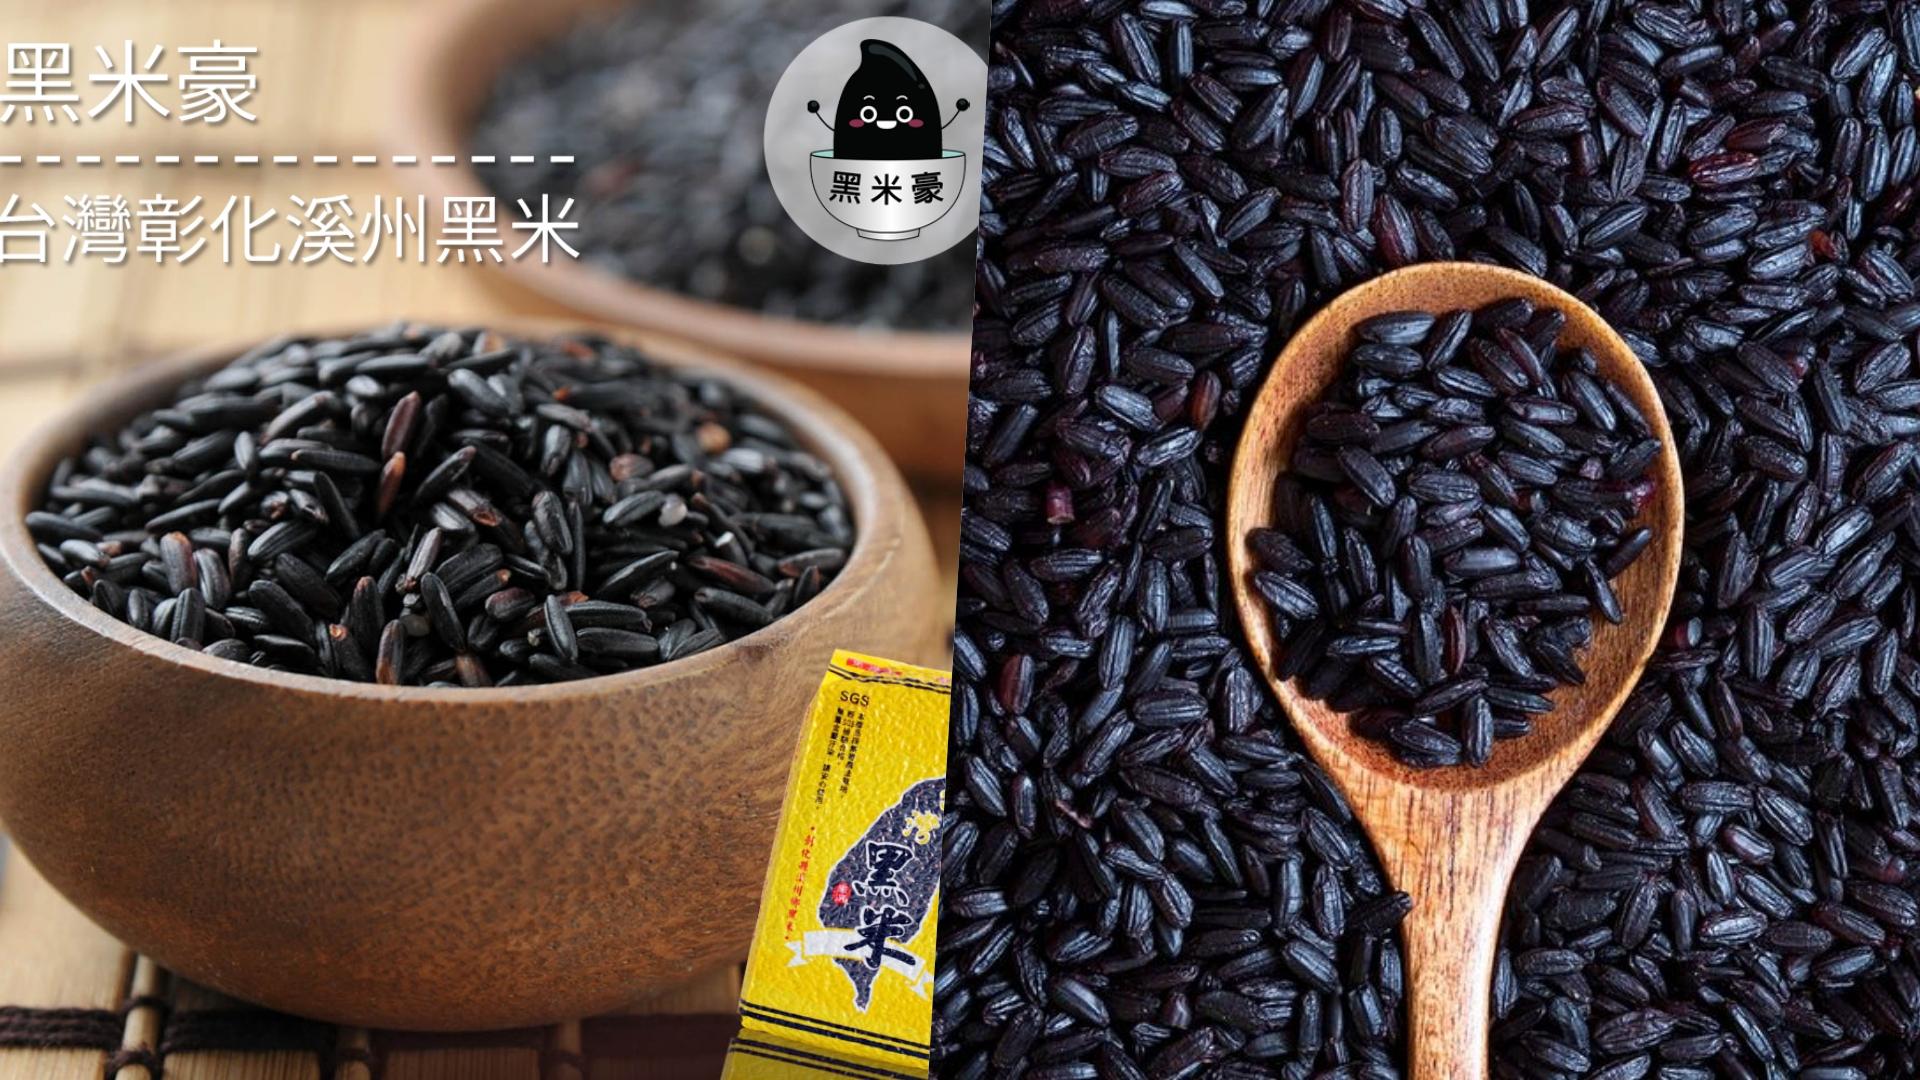 黑米有著米中之王和長生米的美稱,含有豐富的花青素、18種水解氨基酸以及維生素和膳食纖維。